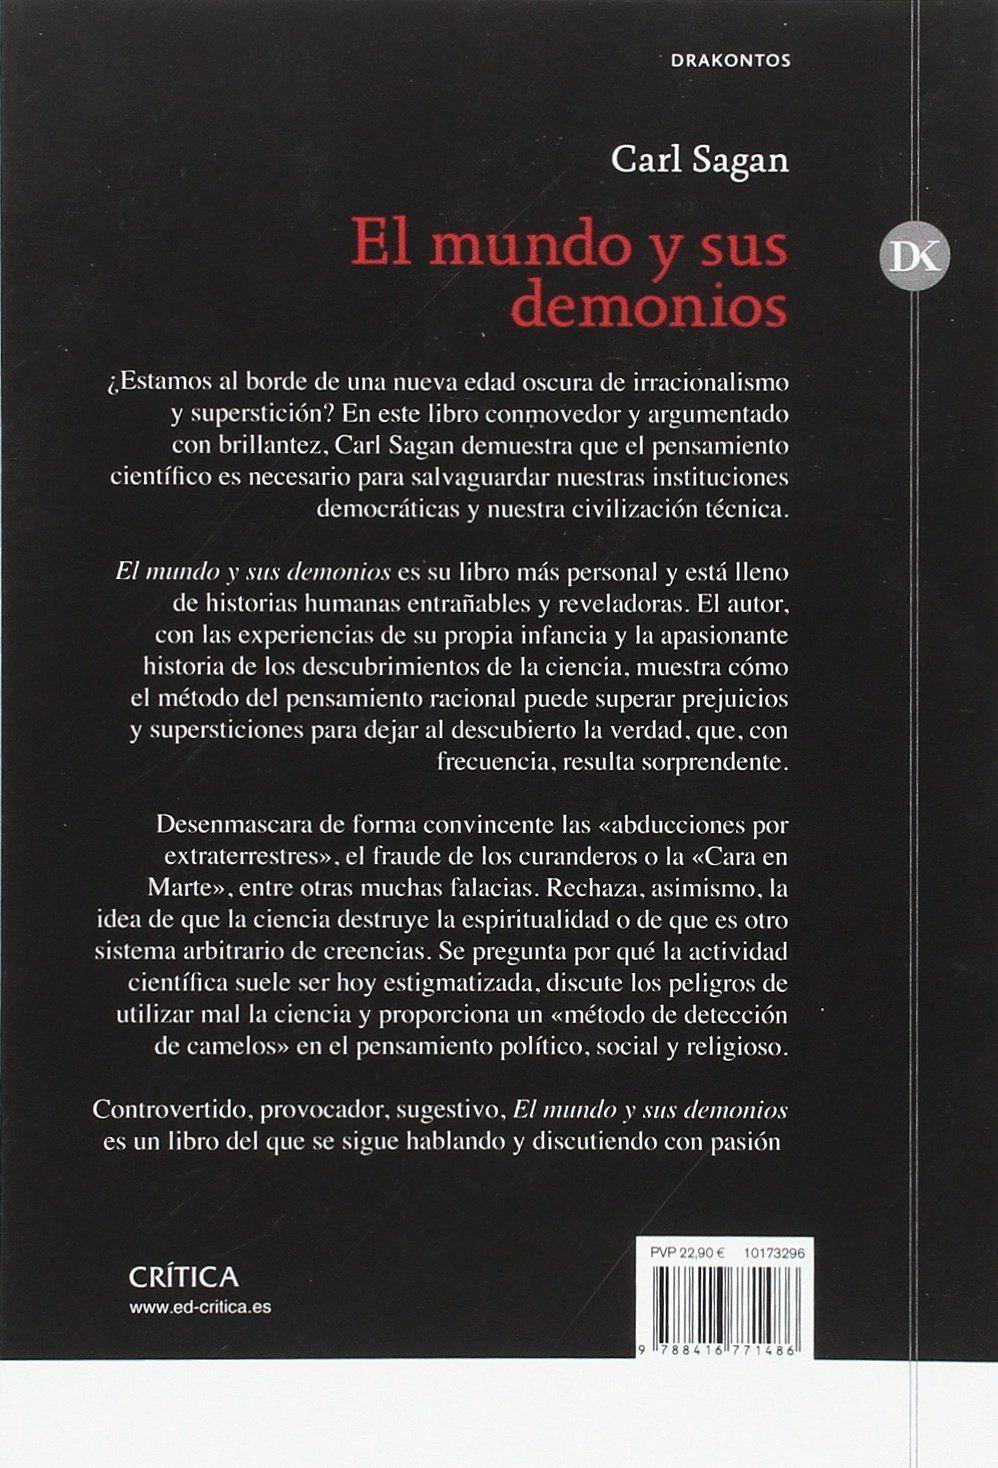 El mundo y sus demonios: La ciencia como una luz en la oscuridad Drakontos #